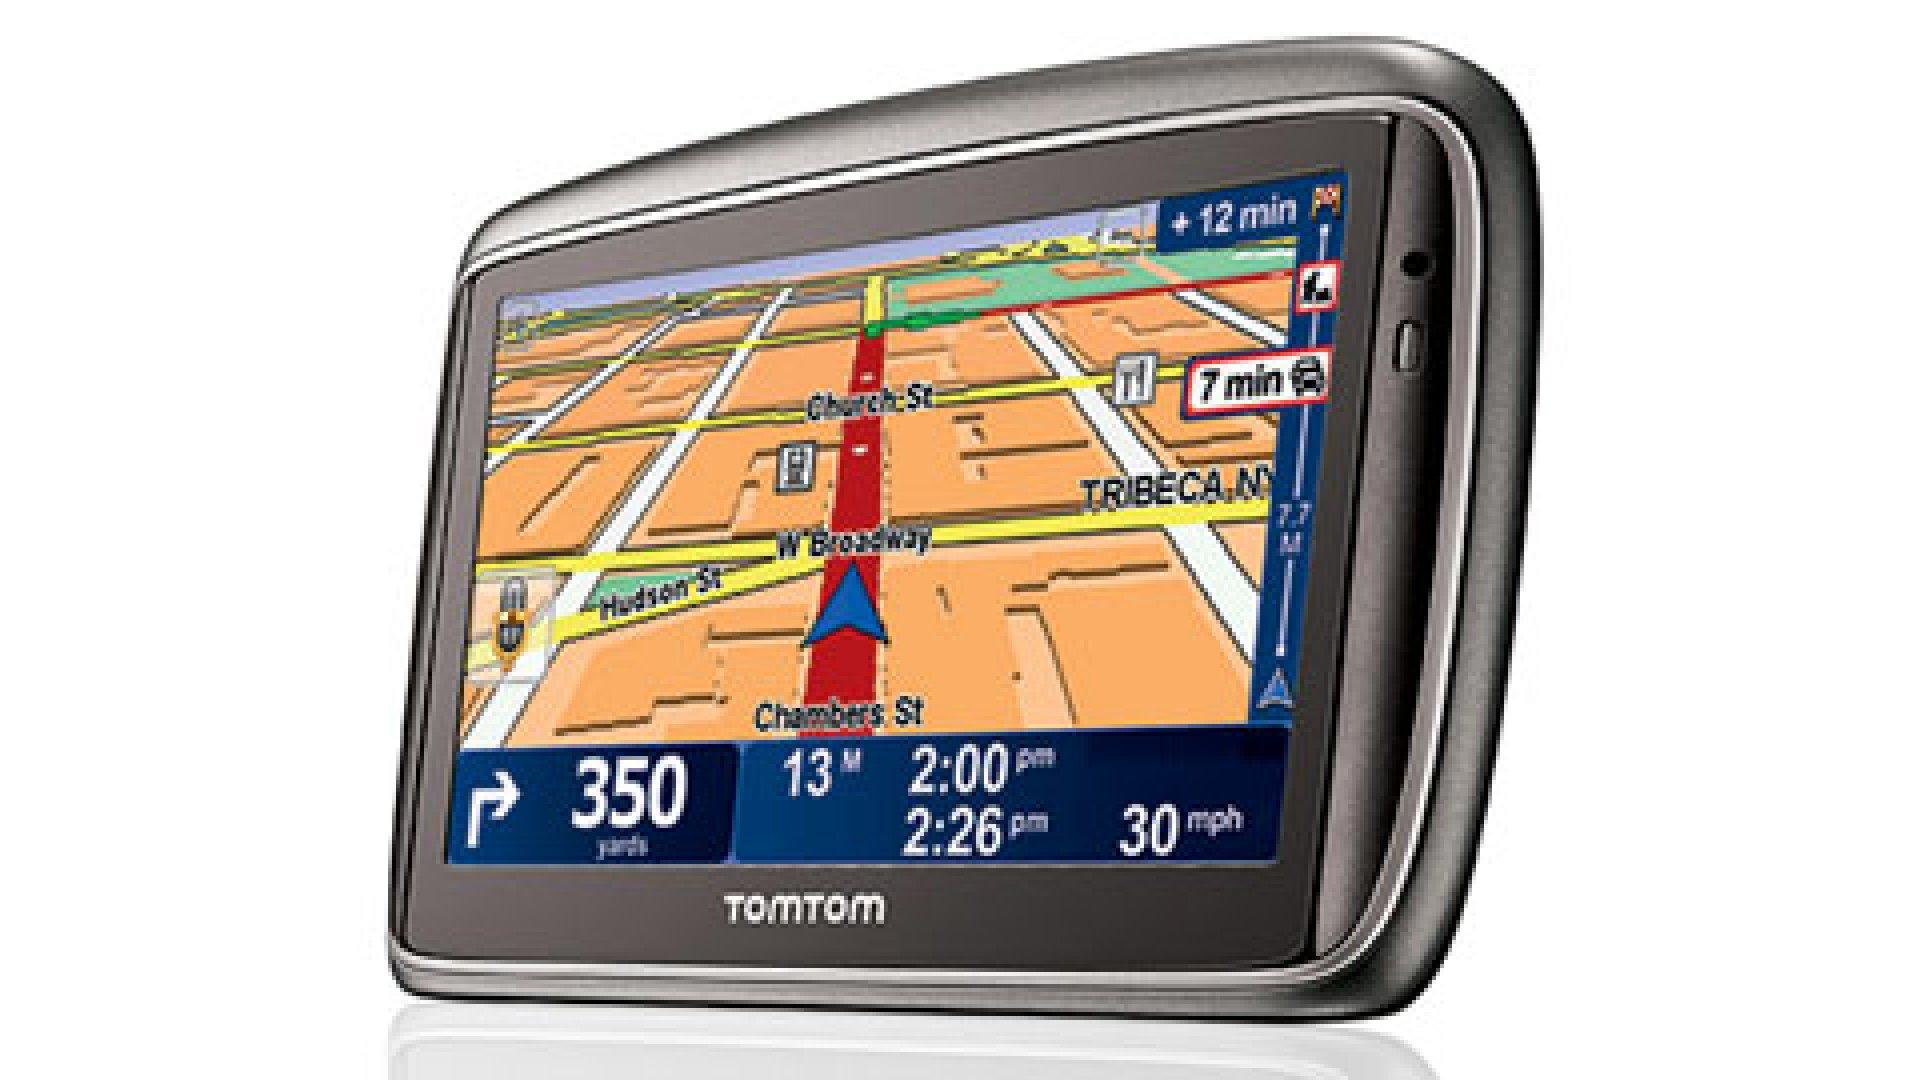 Google, Meet GPS